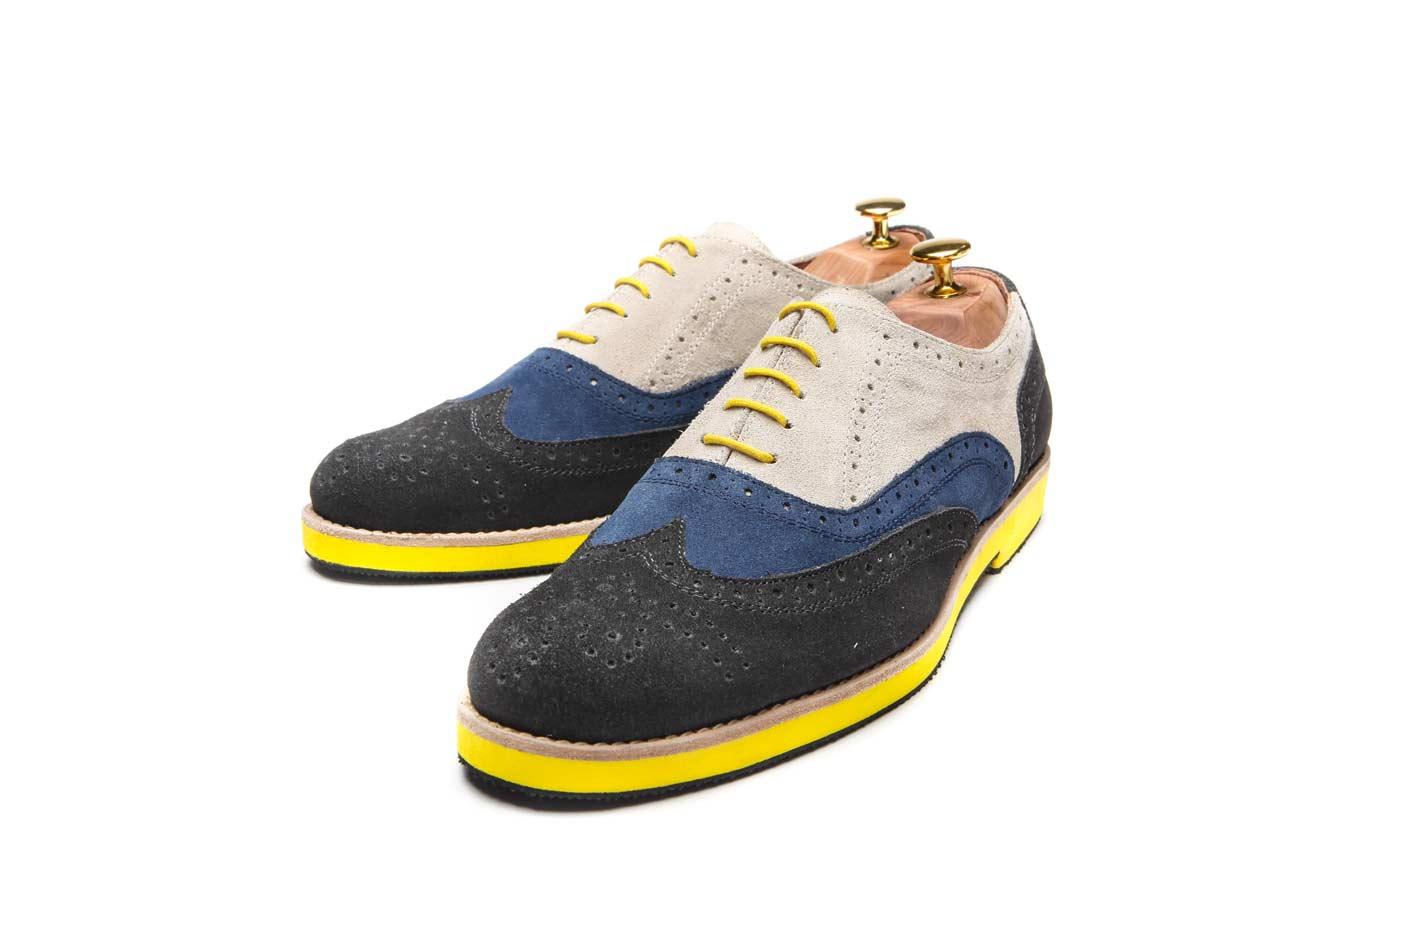 Mens casual oxford shoes | Men's shoes